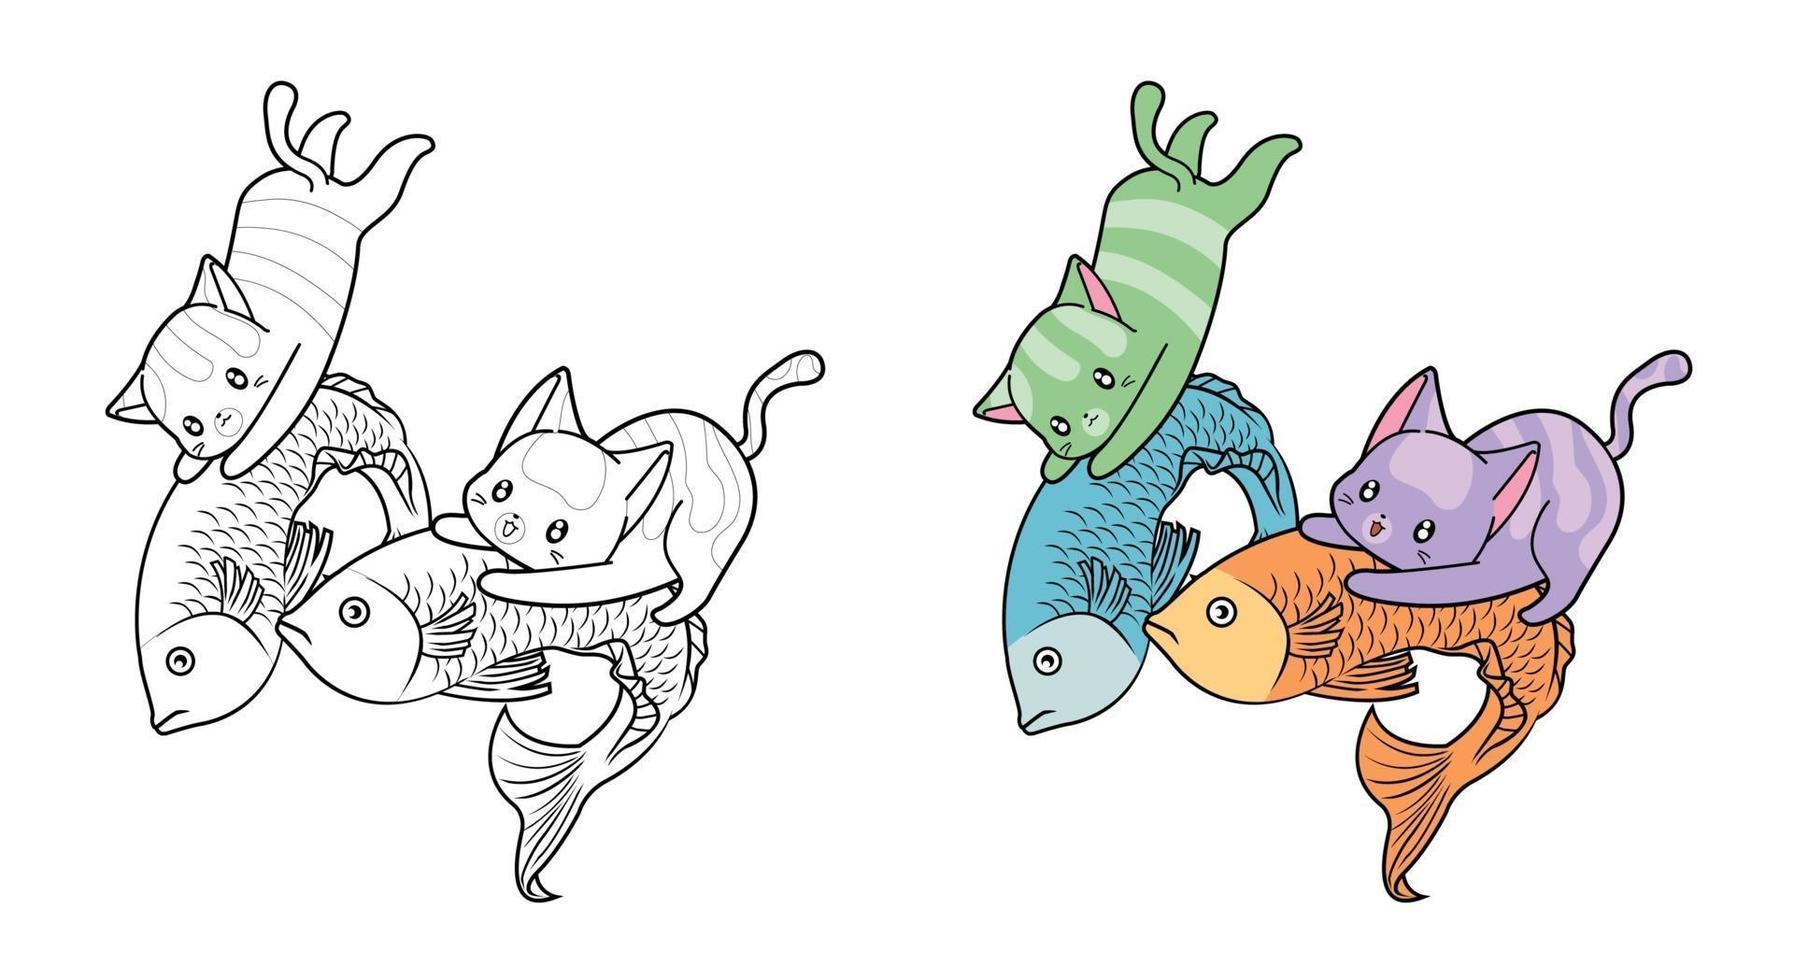 schattige katten vangen vis, cartoon kleurplaat voor kinderen vector